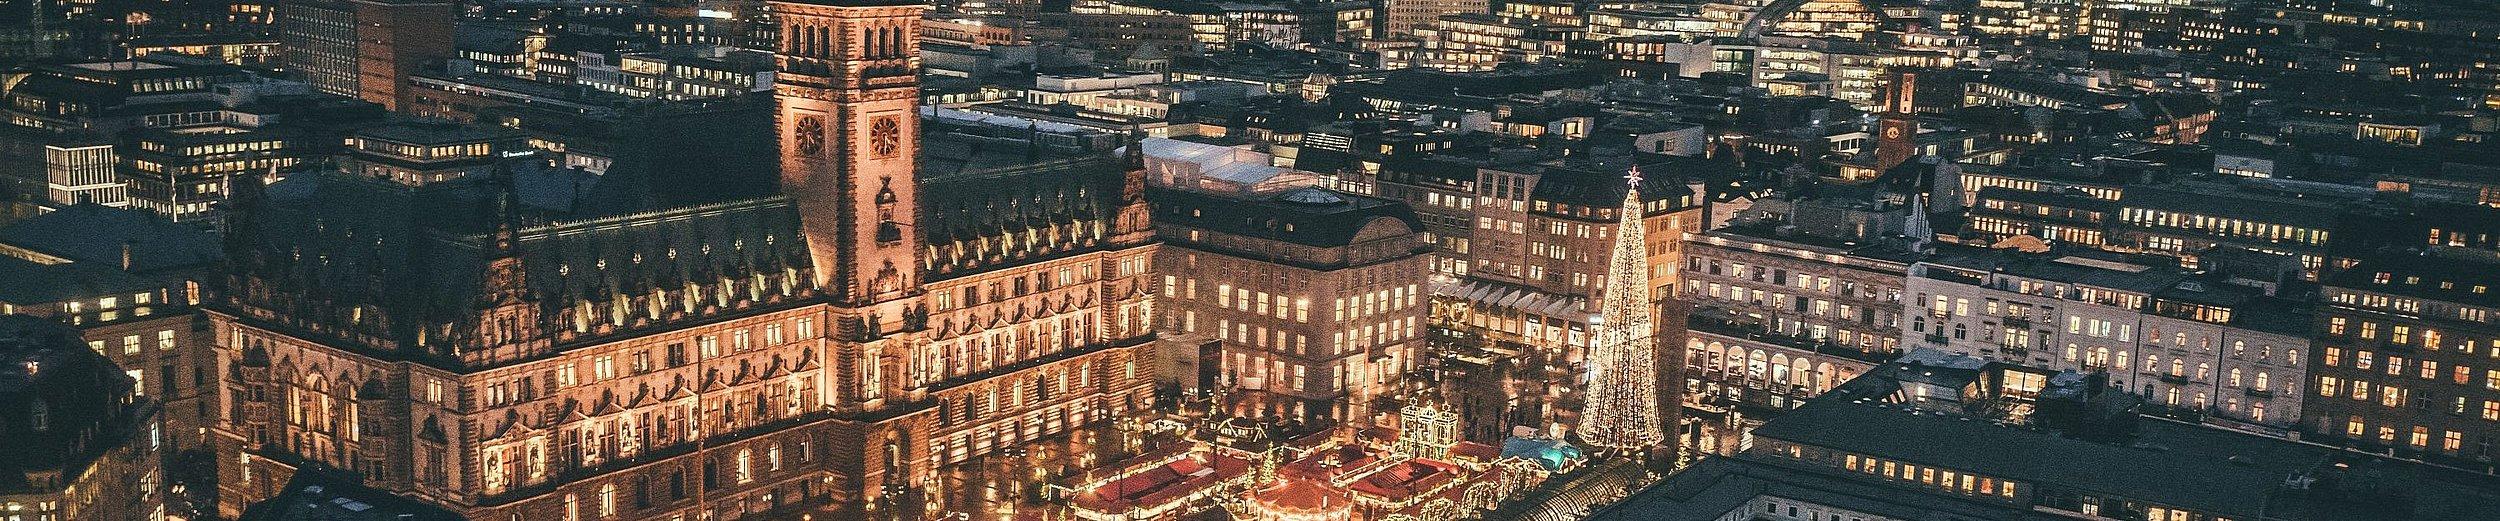 Hh Weihnachtsmarkt 2019.Weihnachtsmärkte In Hamburg Jetzt Entdecken Hamburg Tourismus